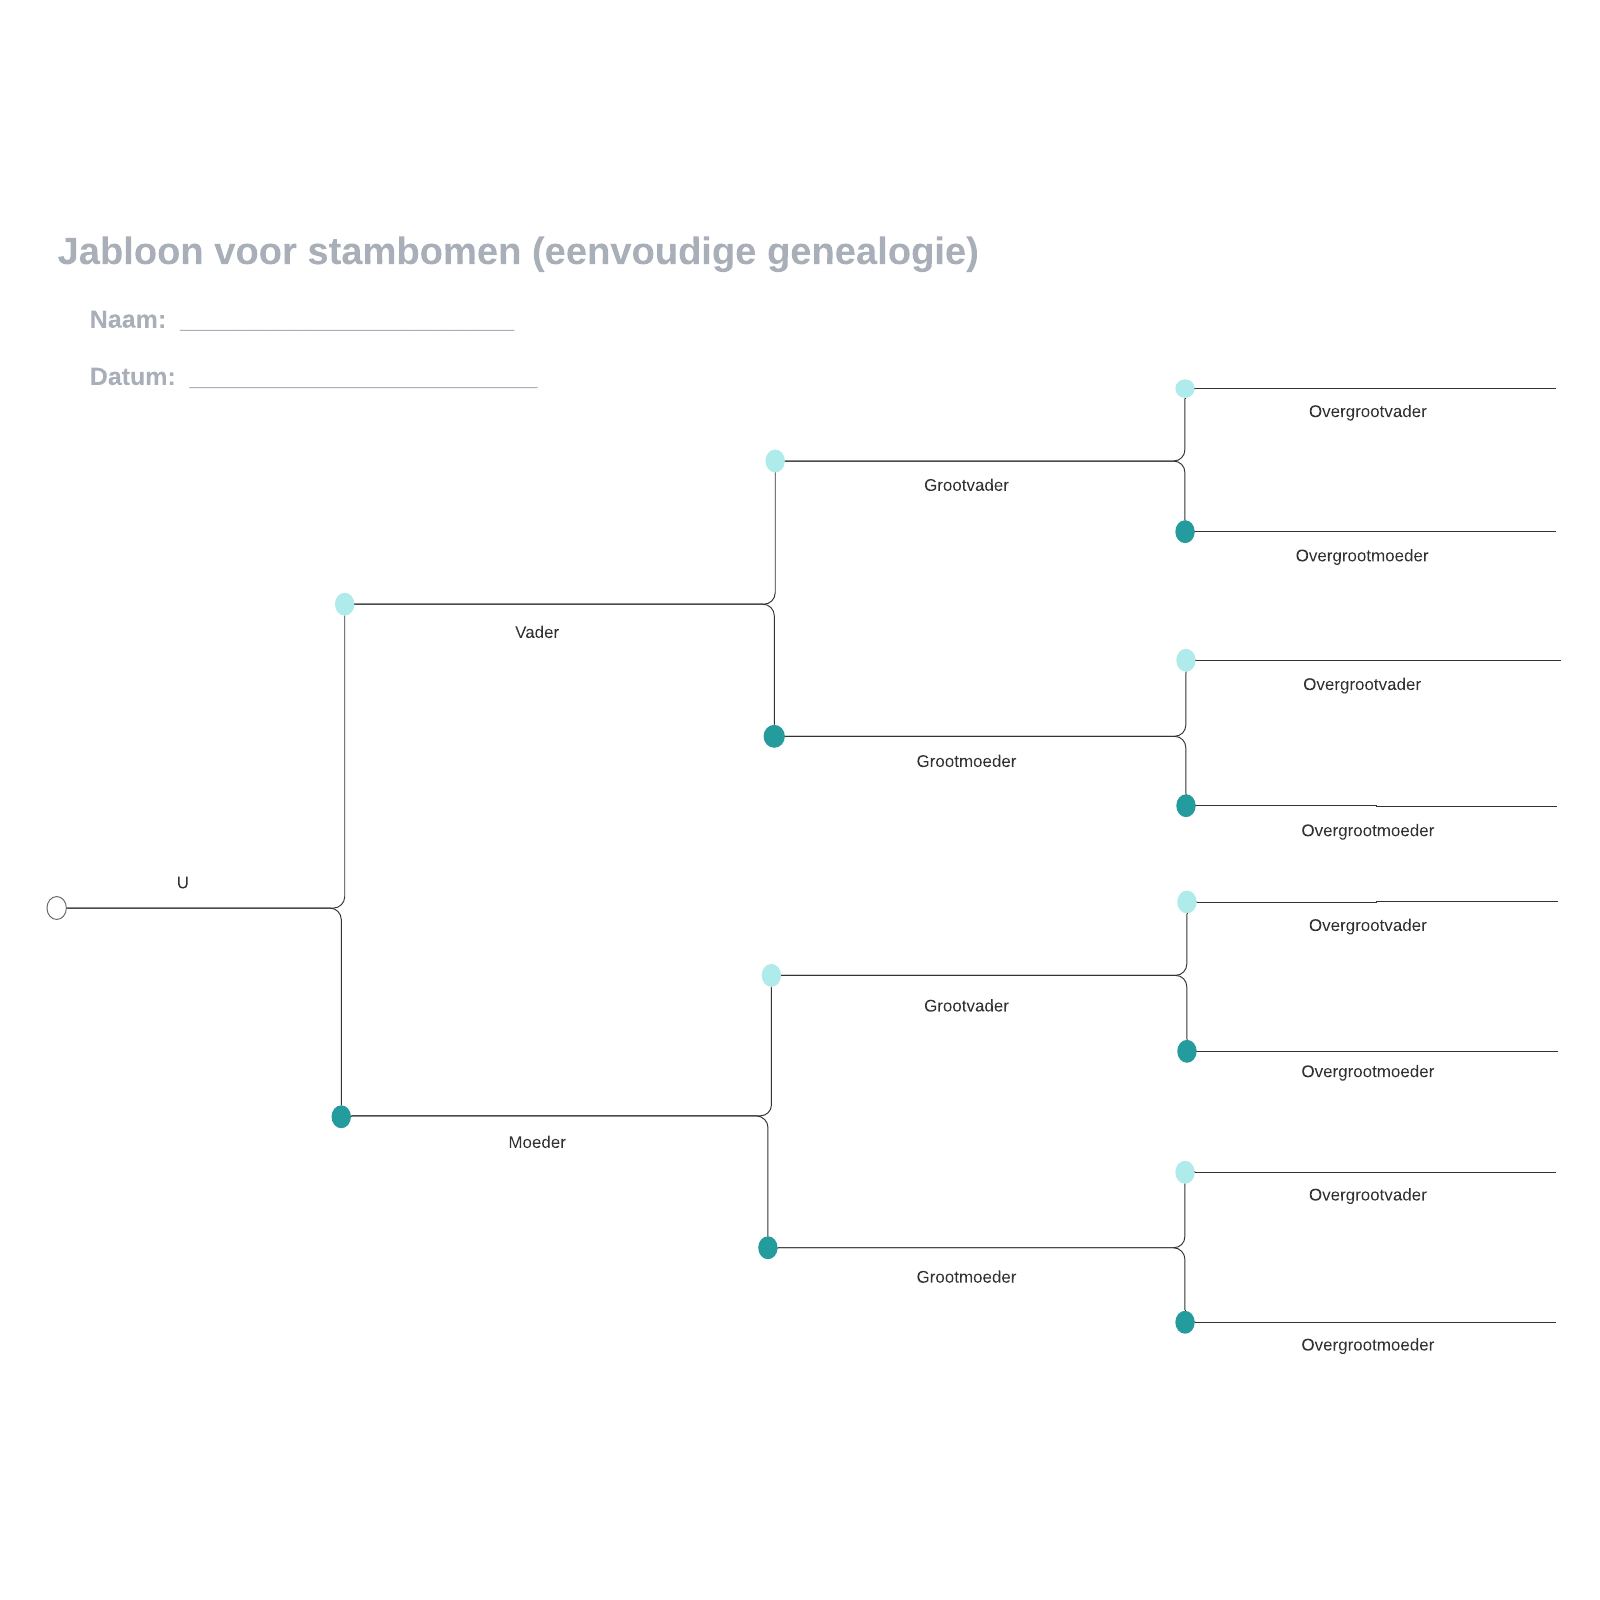 Jabloon voor stambomen (eenvoudige genealogie)